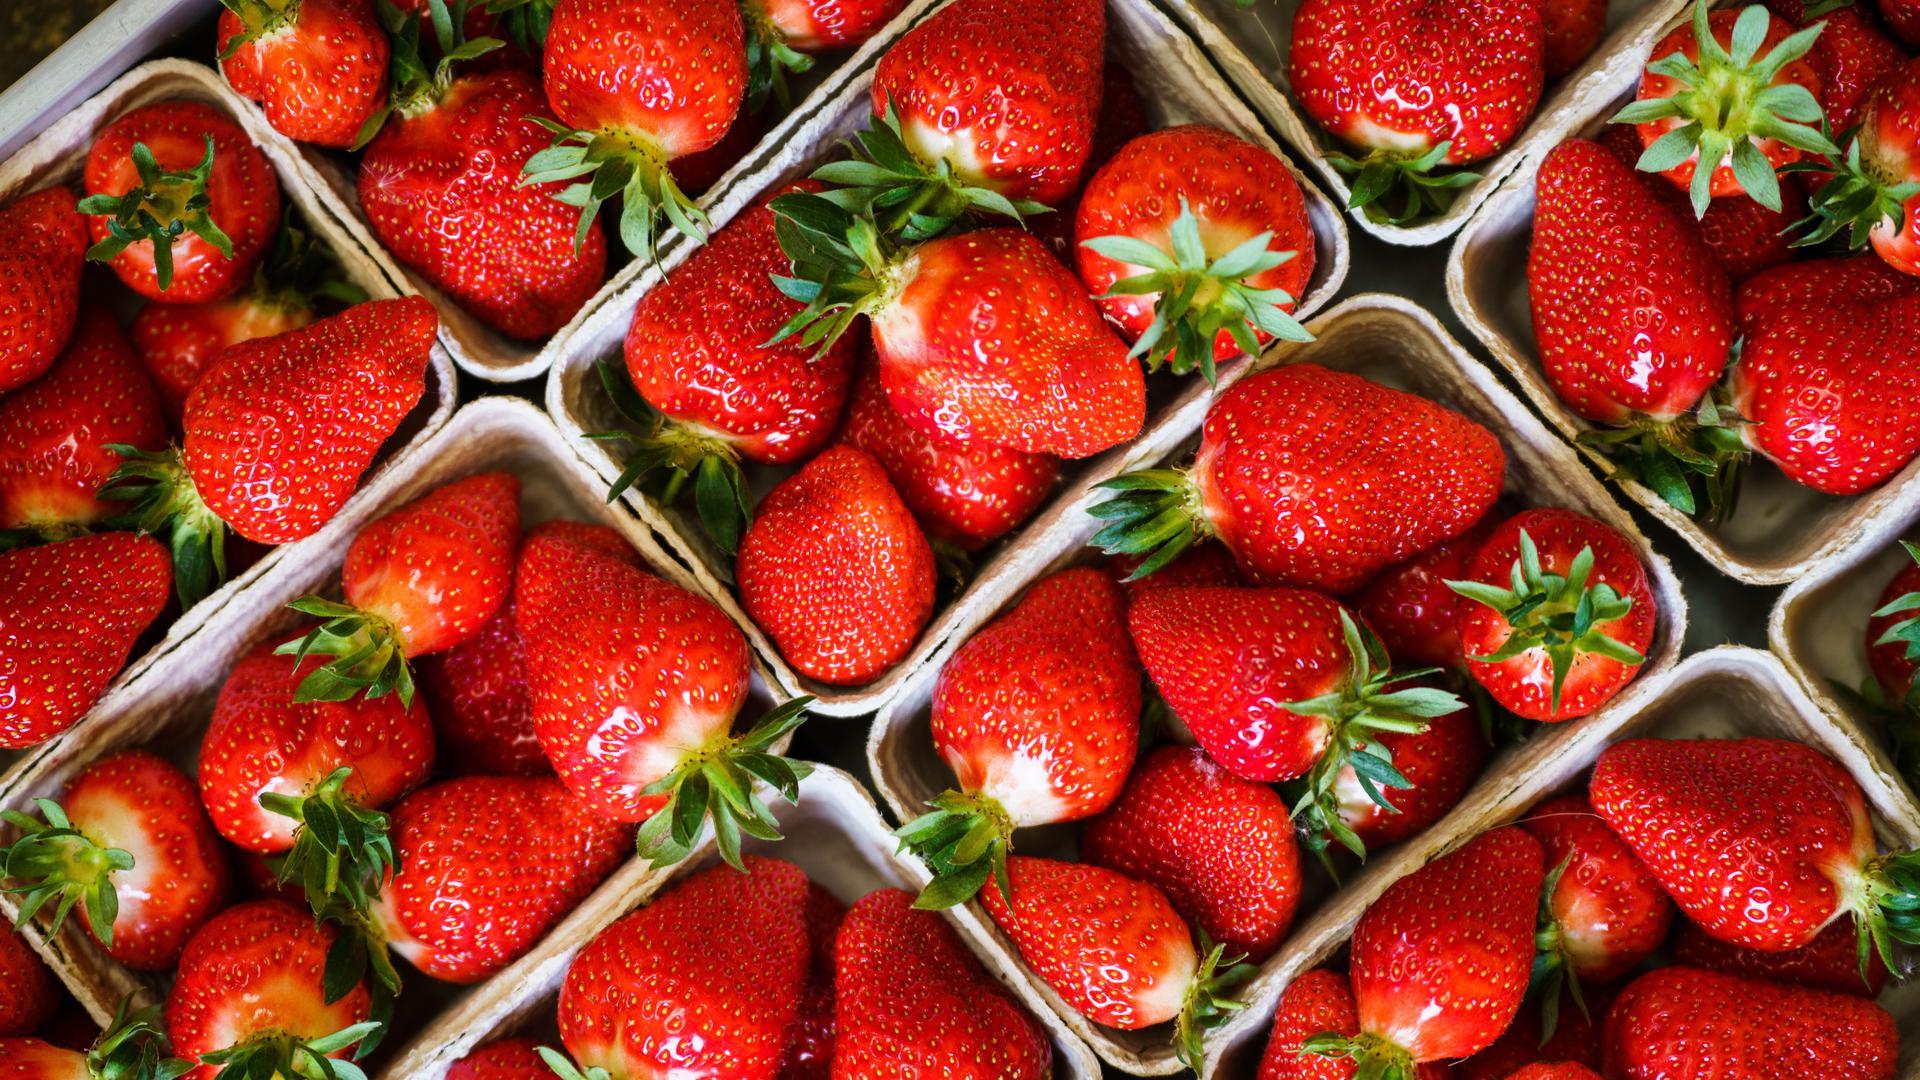 Mehrere Schalen mit Erdbeeren stehen nebeneinander